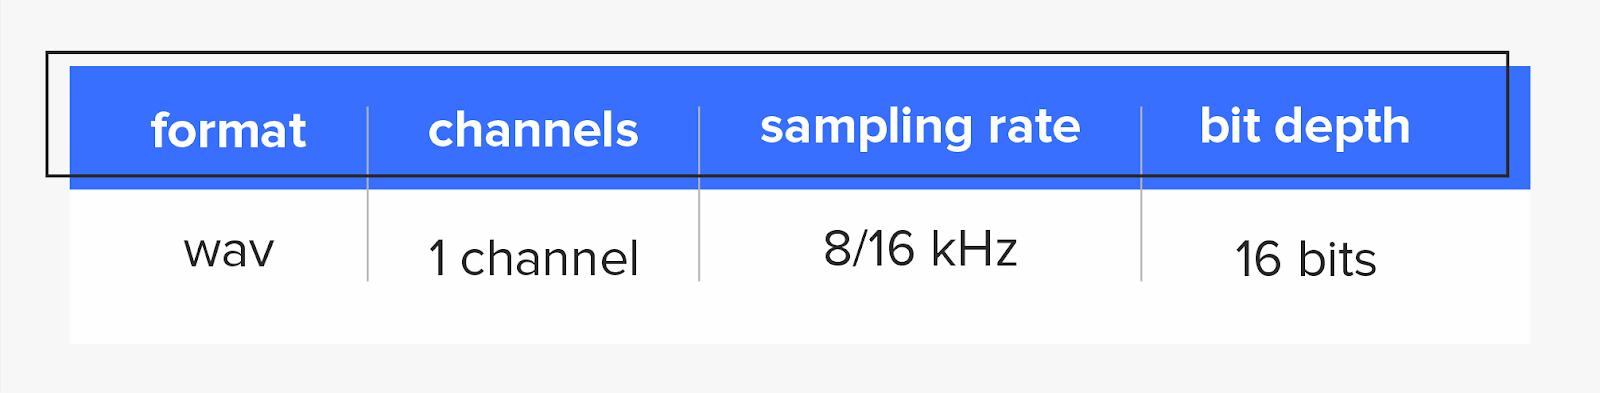 Стандартные параметры для всех аудиозаписей